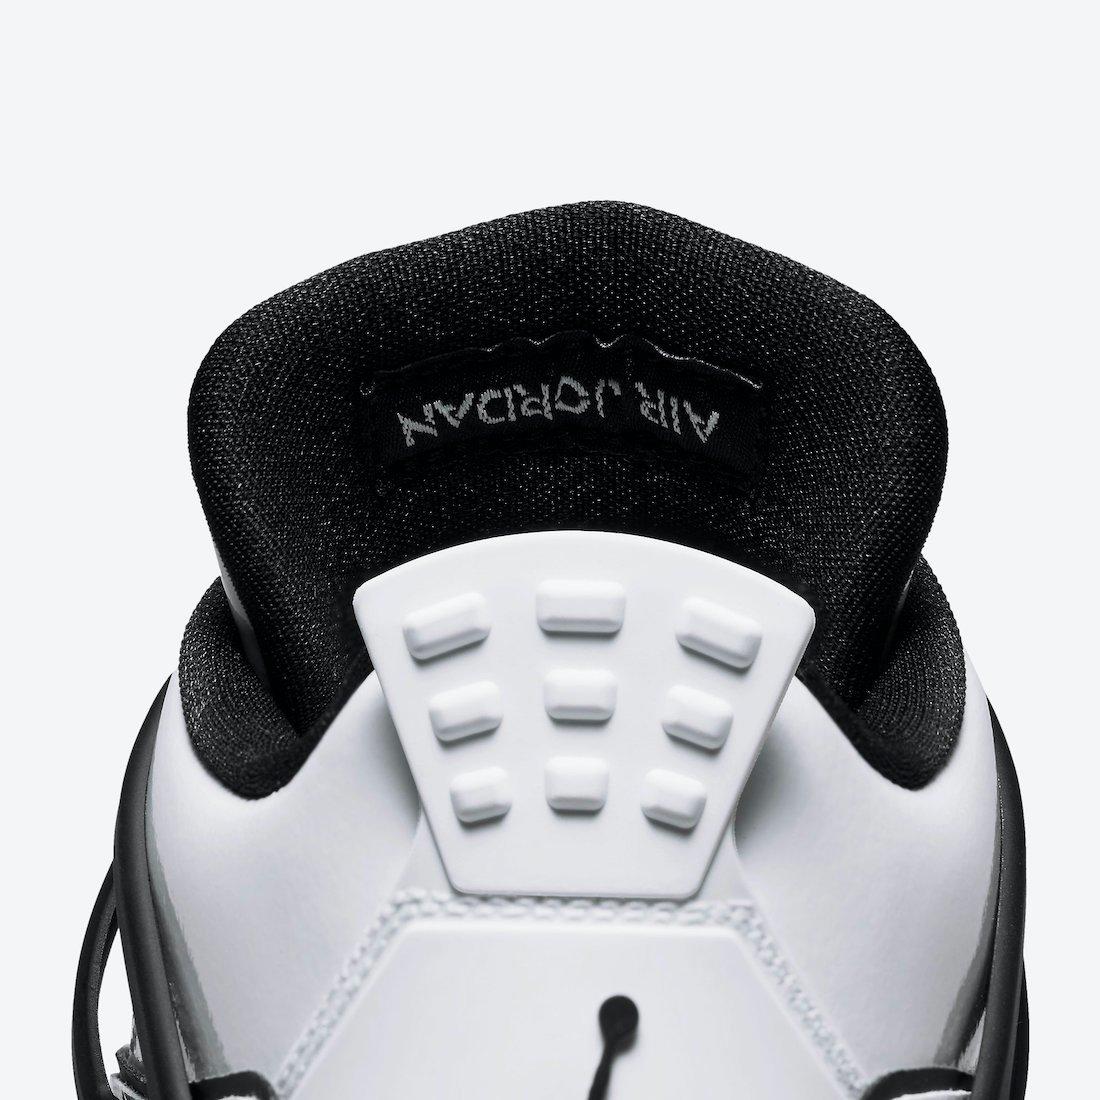 Air Jordan 4 DIY Kids DC4101-100 Release Price